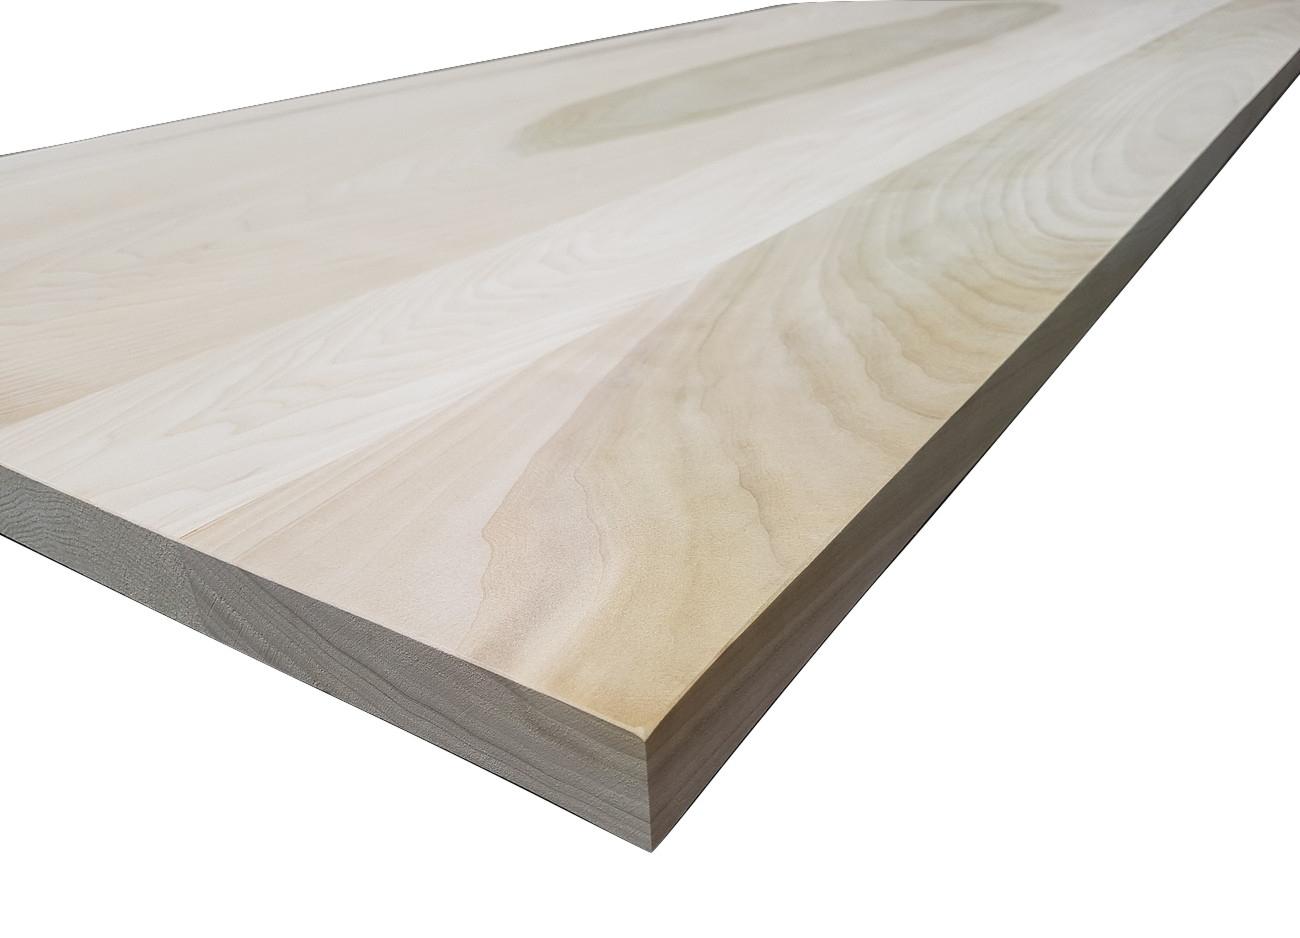 Piano tavolo in legno di tulipier piano tavolo in legno - Tavolo in legno massello ...